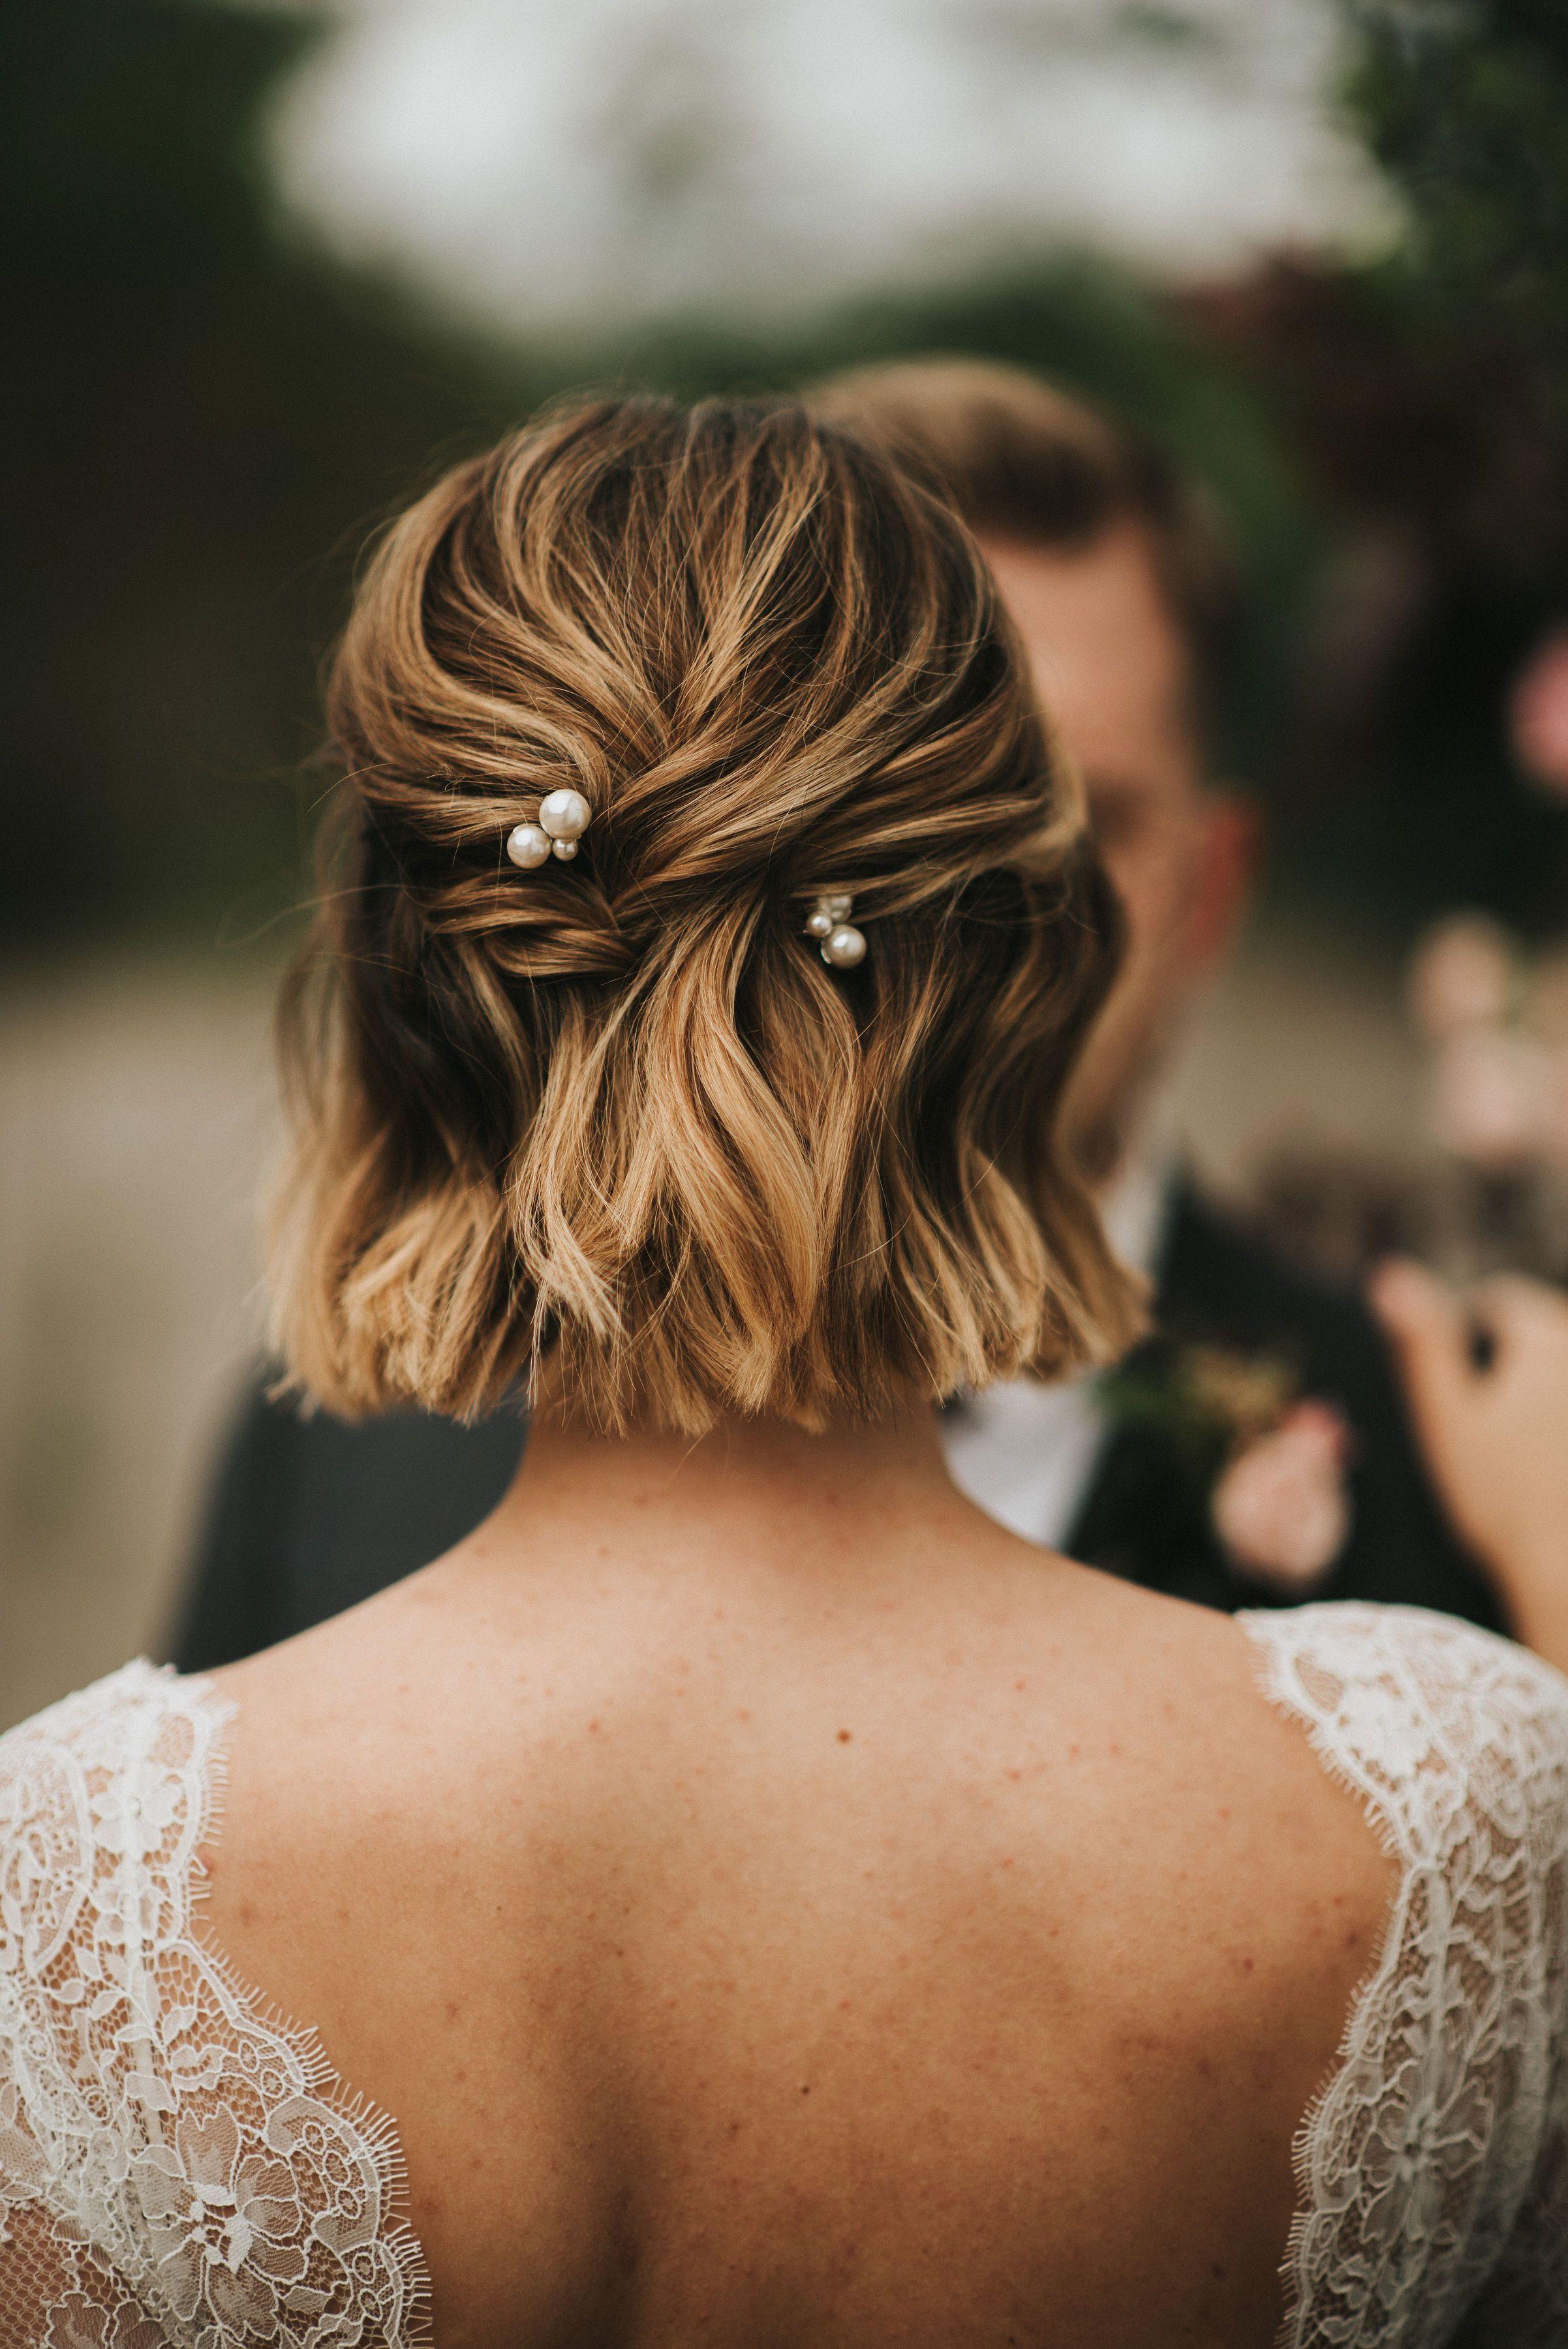 Short Hair Bridal Hair Soft Waves With Pearl Pin Accessories Image Elizabet Hochzeit Frisuren Kurze Haare Hochzeitsfrisur Kurze Haare Hochzeit Haare Hochzeit